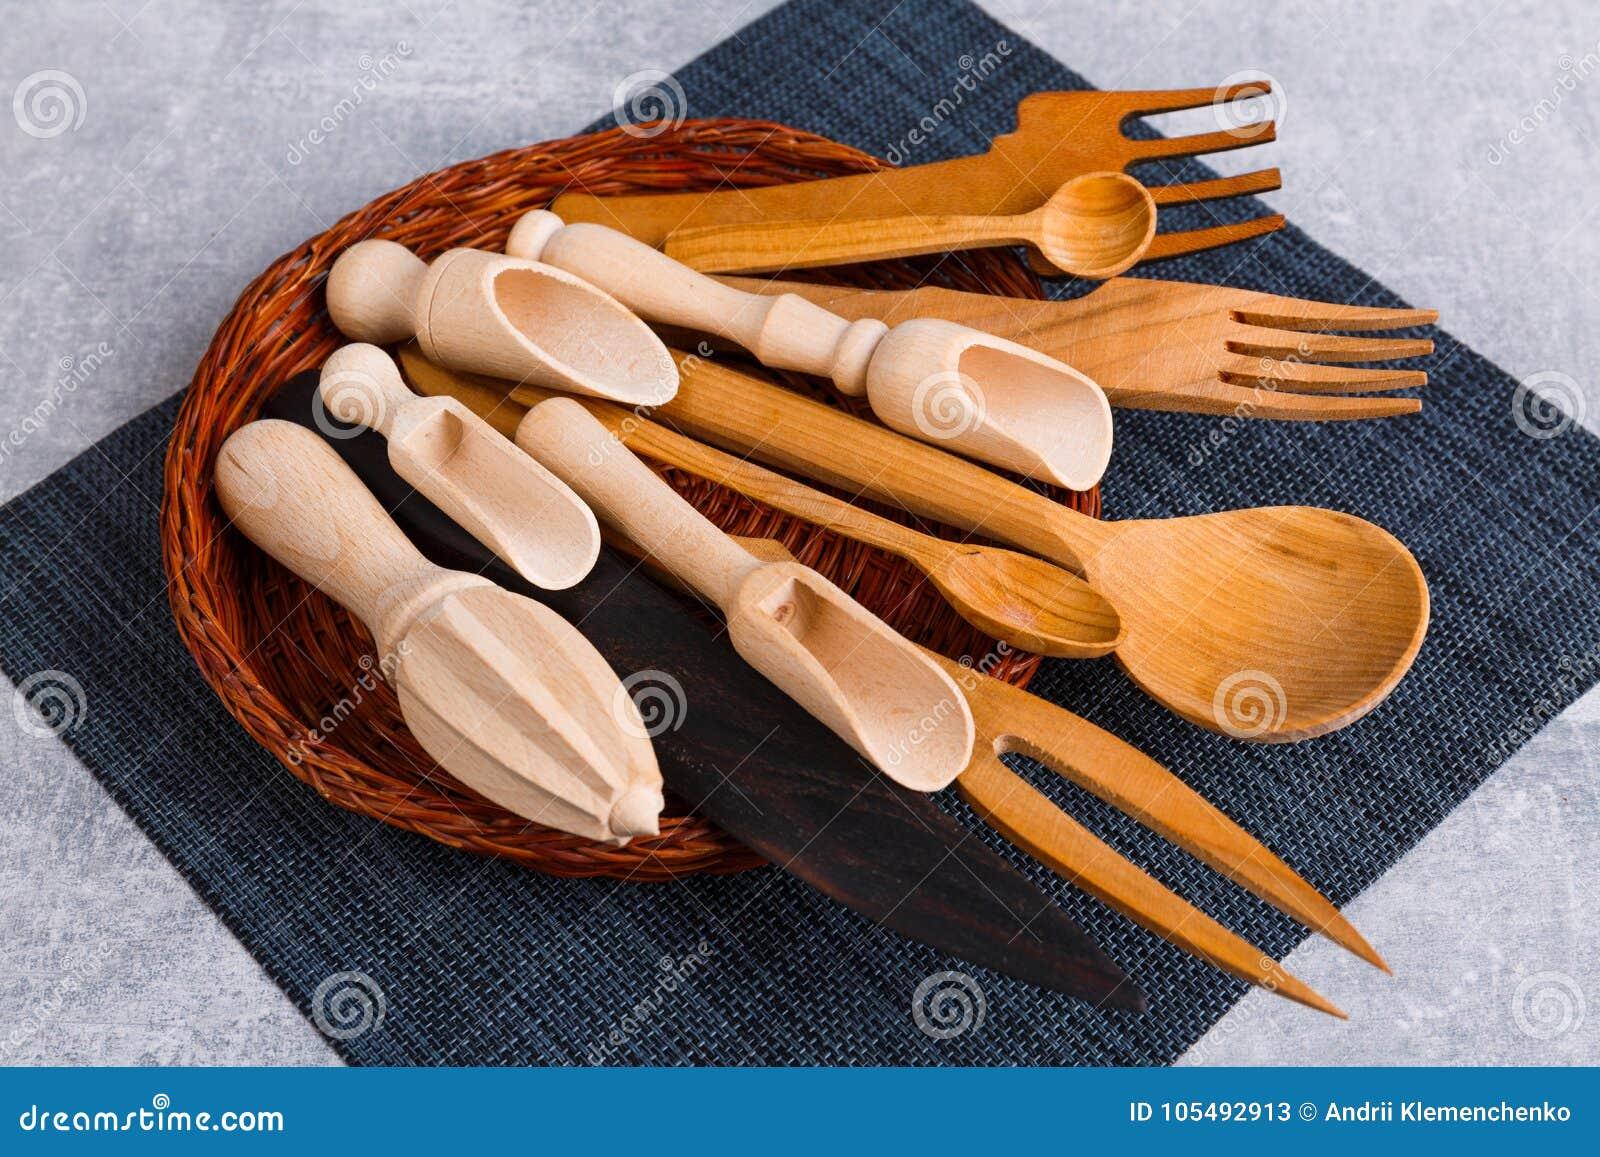 Nel canestro è un insieme di vari cucchiai, mestoli e forchette di legno